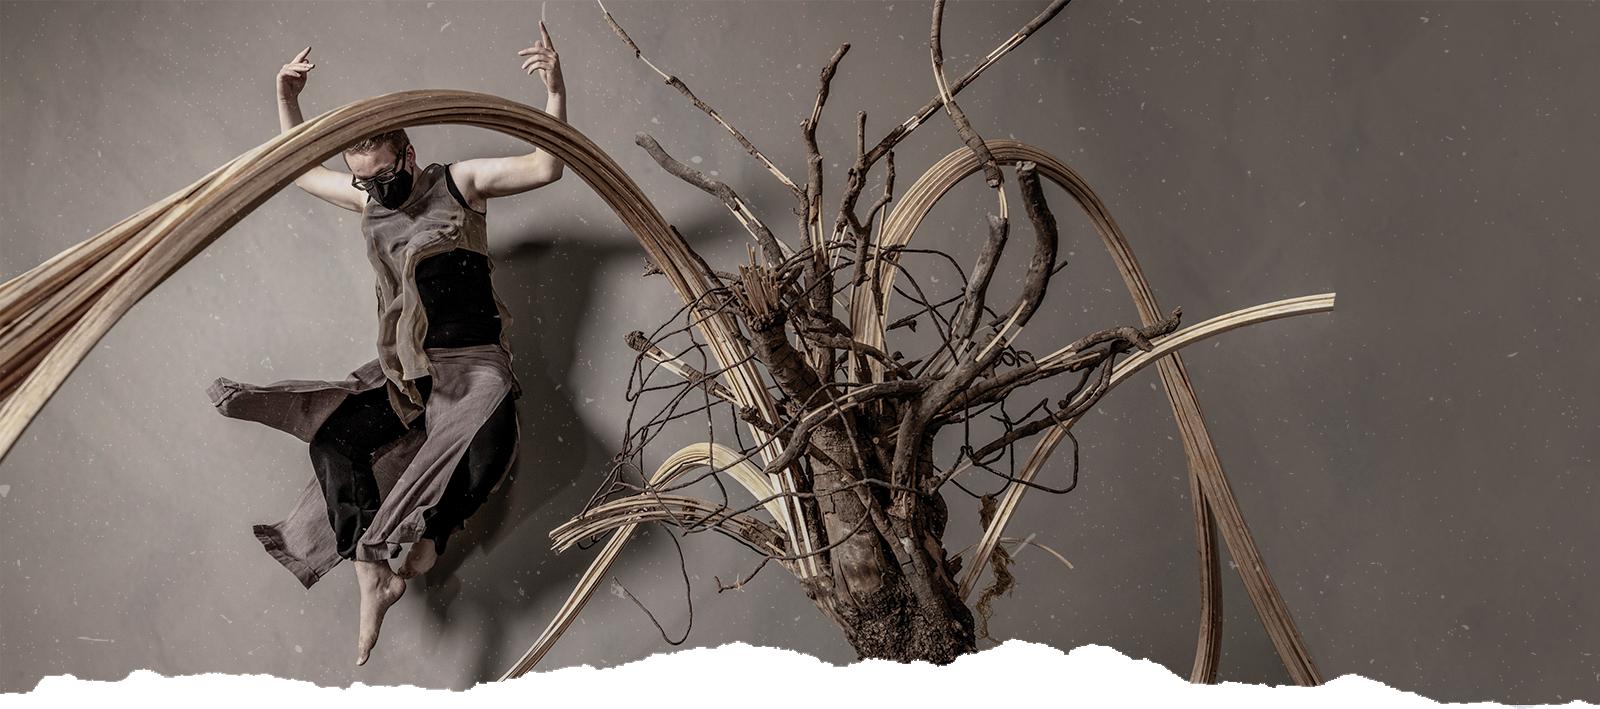 A dancer jumps next to a sculpture